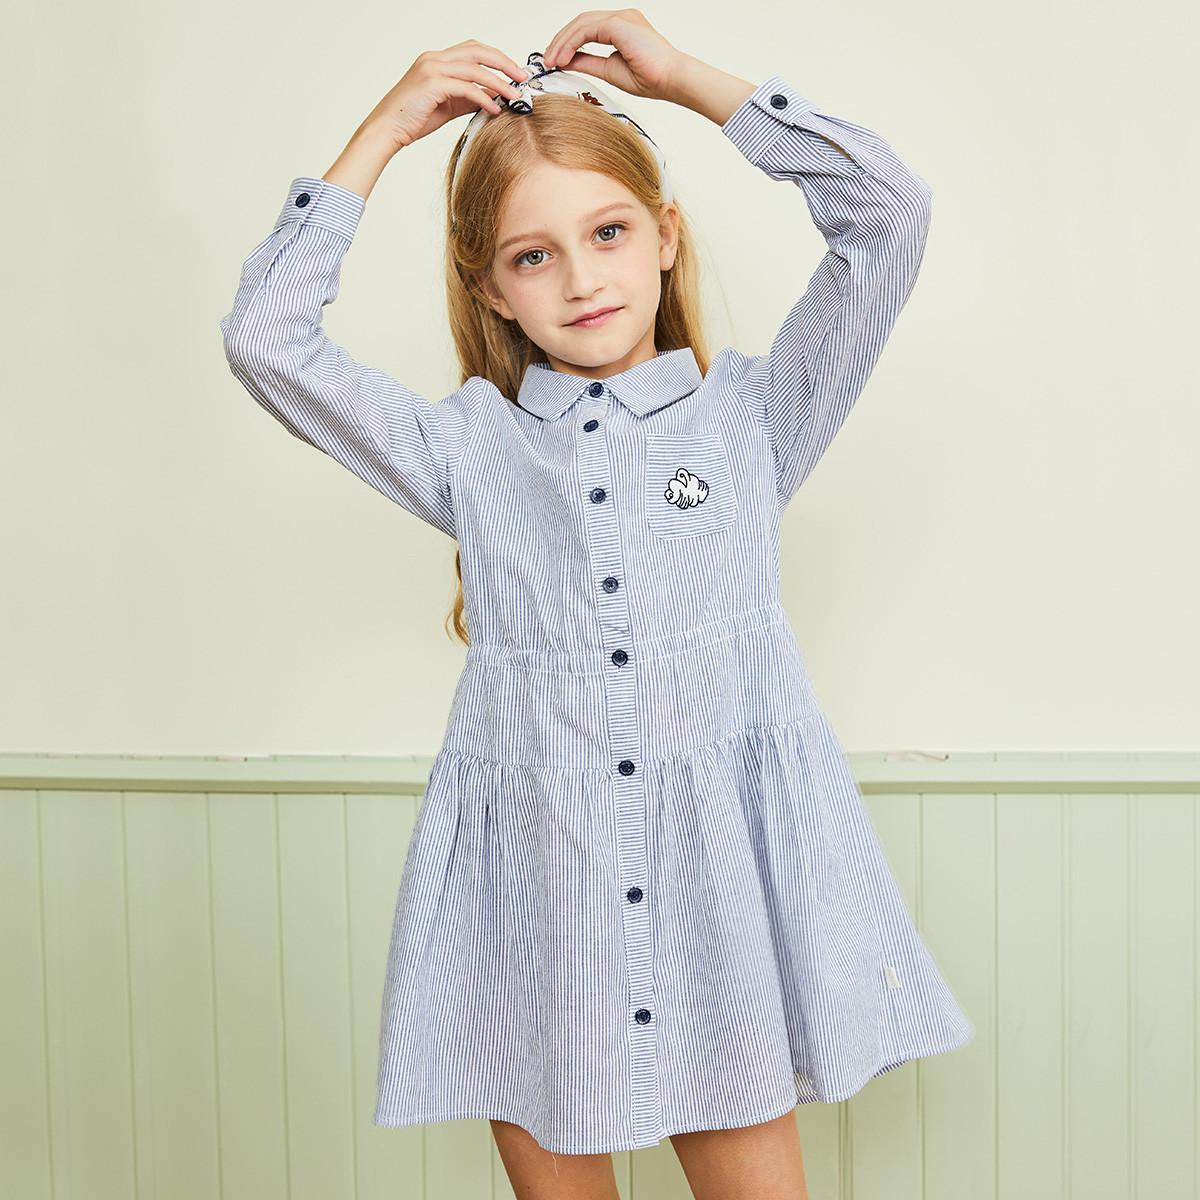 水孩儿水孩儿童装秋冬装新款女童条纹裙式衬衫ASFCM402B15